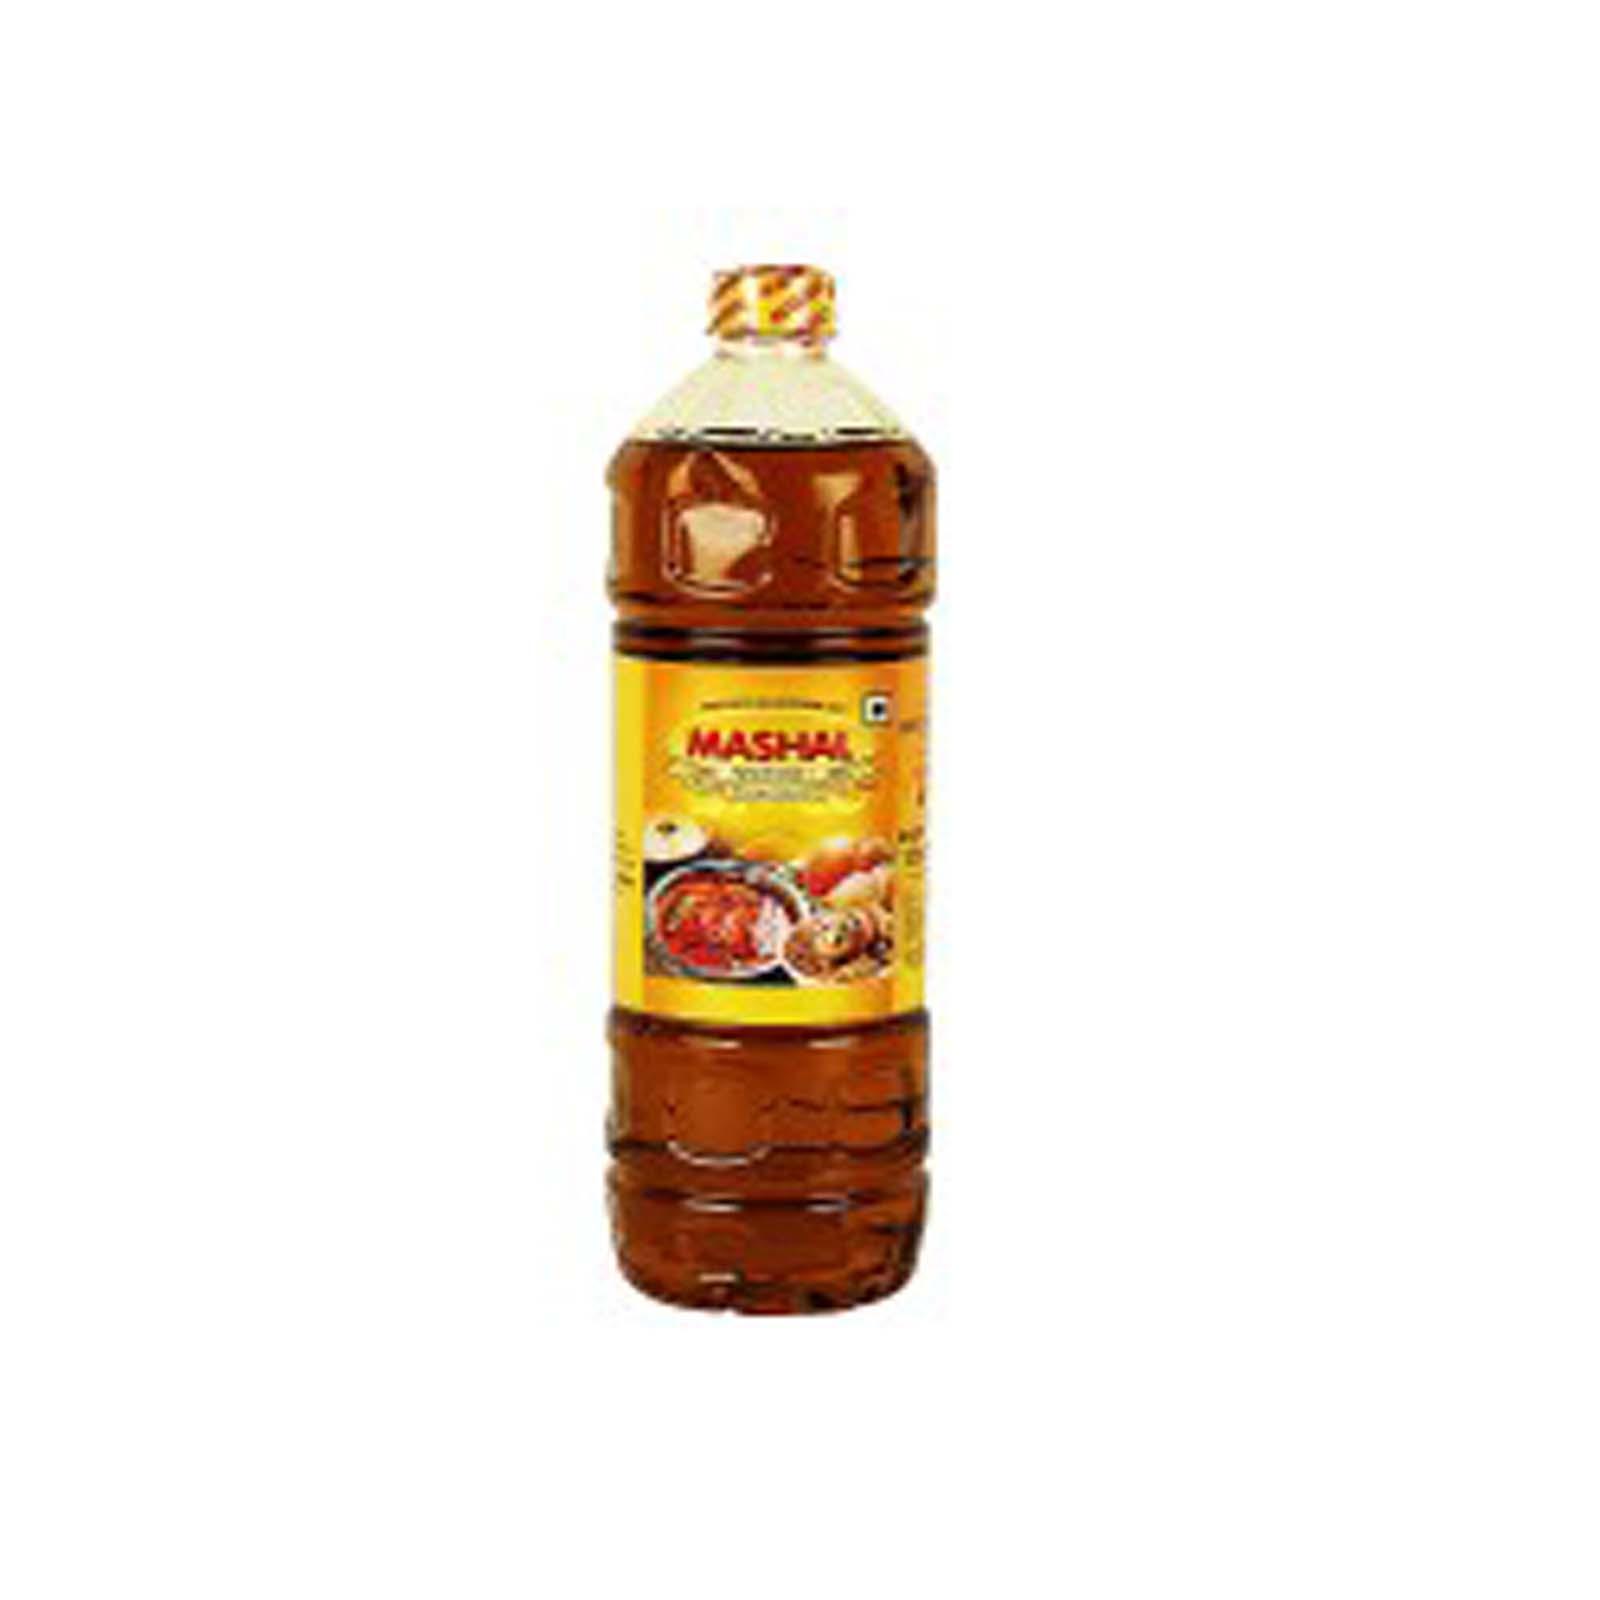 Mashal Kachi Ghani Mustard Oil